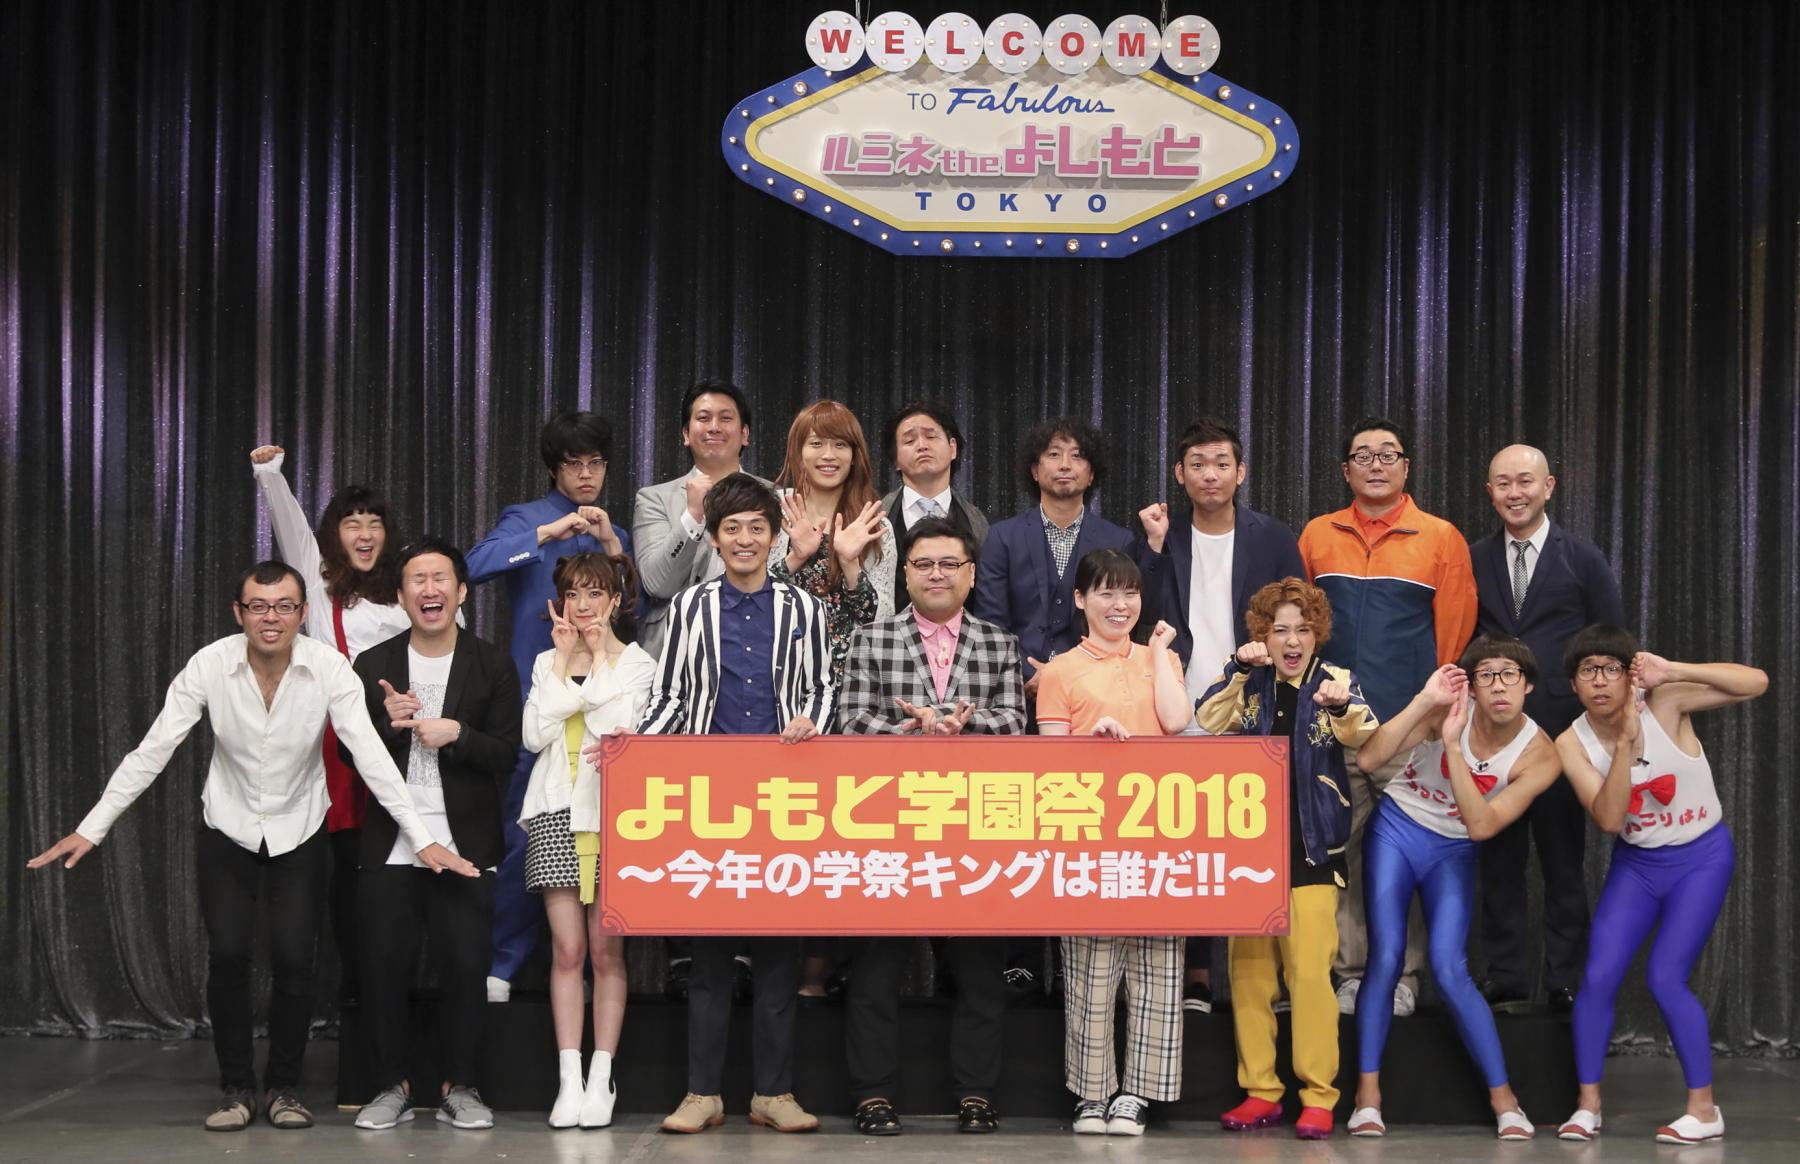 http://news.yoshimoto.co.jp/20180613165455-792631880a2bc89666fd01b41740283bc760ce13.jpg